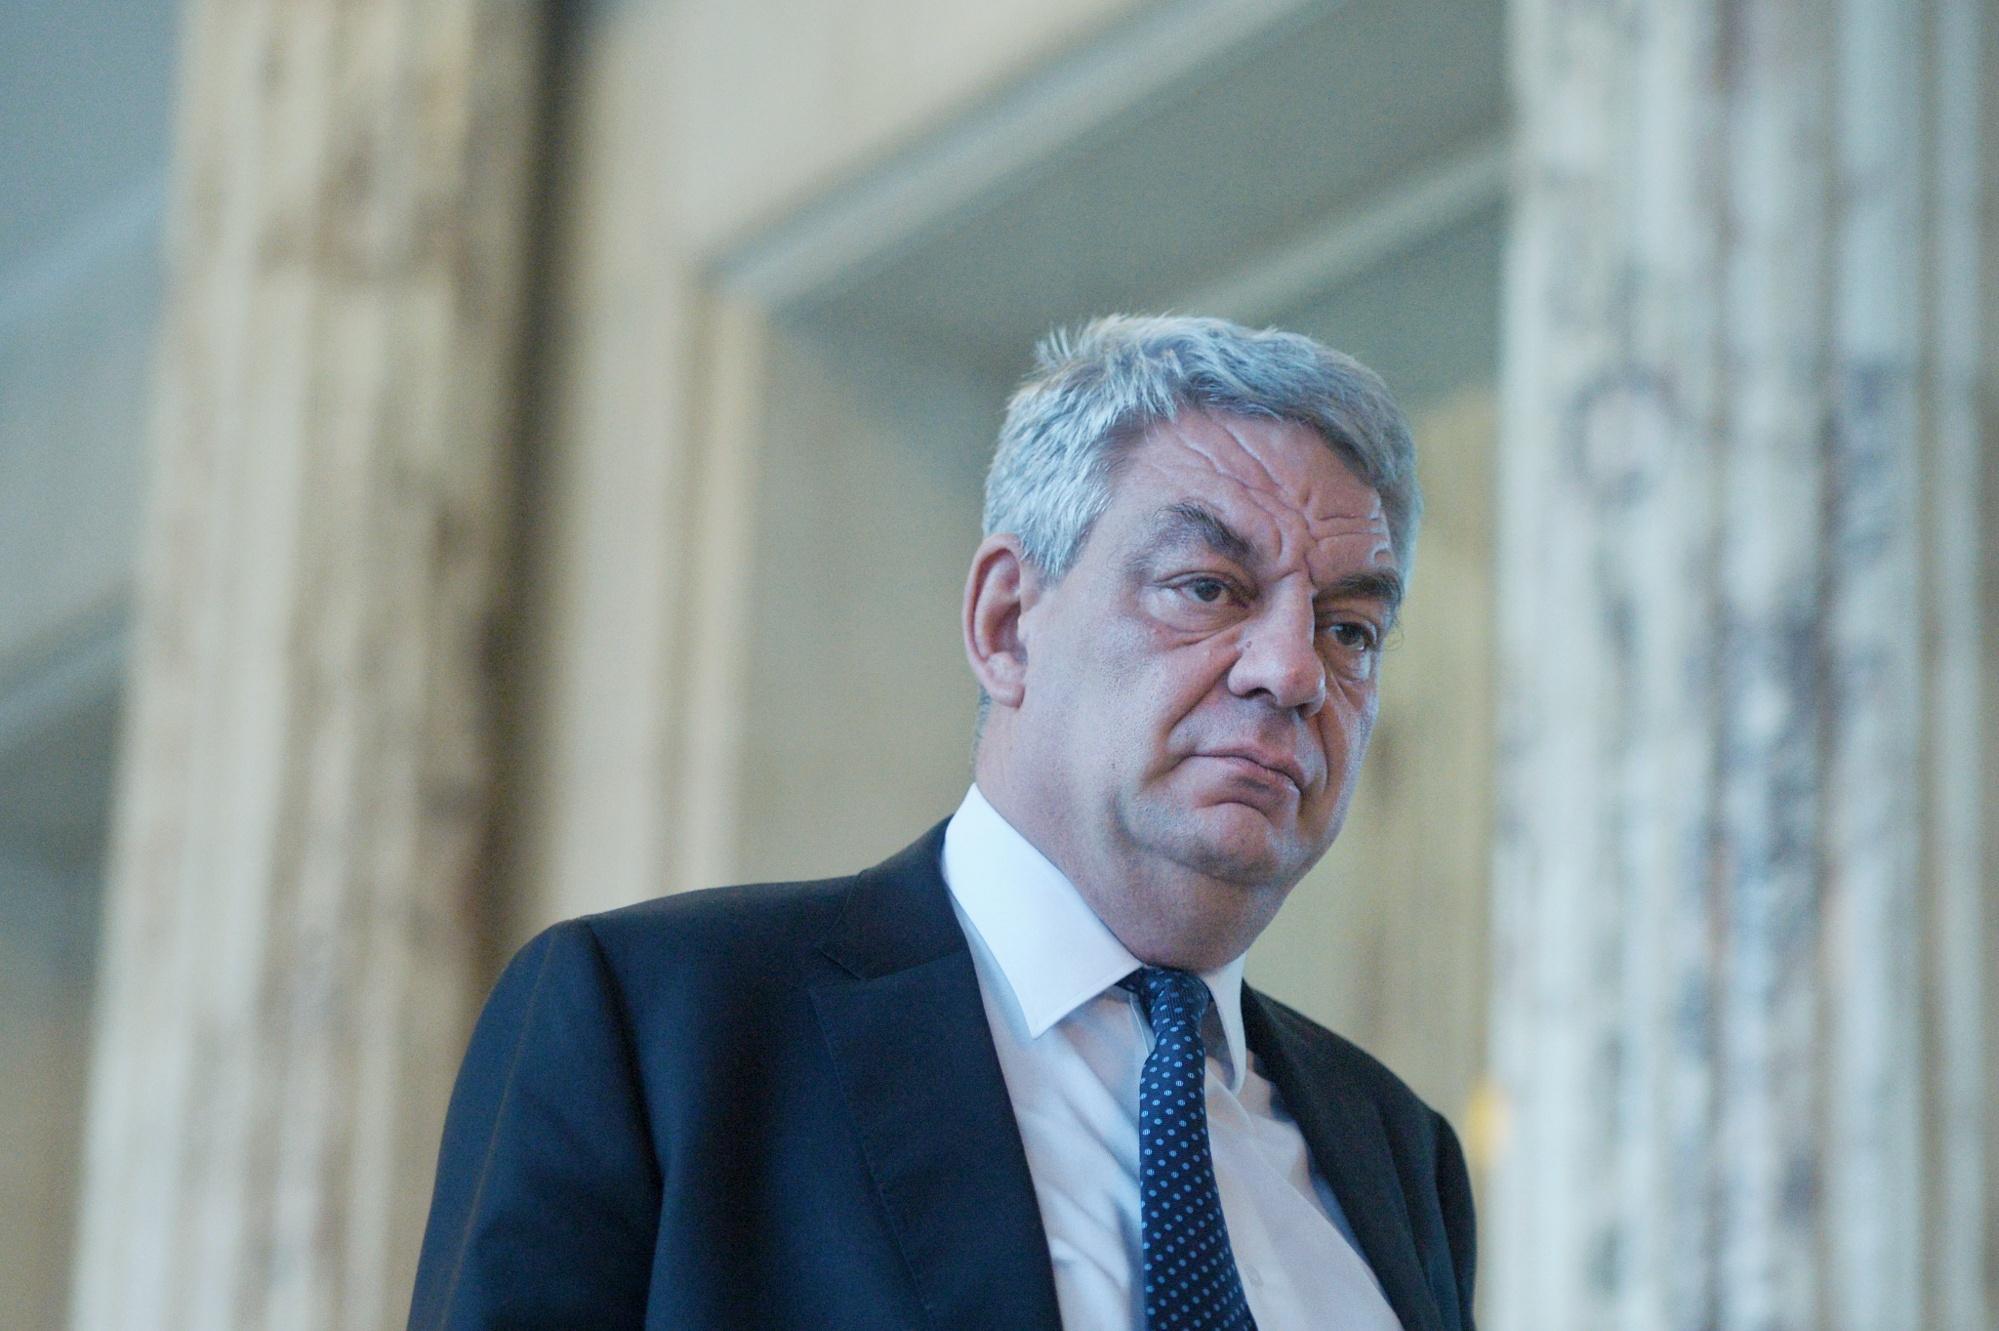 Tudose îşi nuanţează declaraţia privind steagul secuiesc: Mă refeream la mandatele autorităţilor/ Comisia pentru politică externă a Parlamentului ungar va discuta despre remarcile lui Mihai Tudose privind eforturile de autonomie